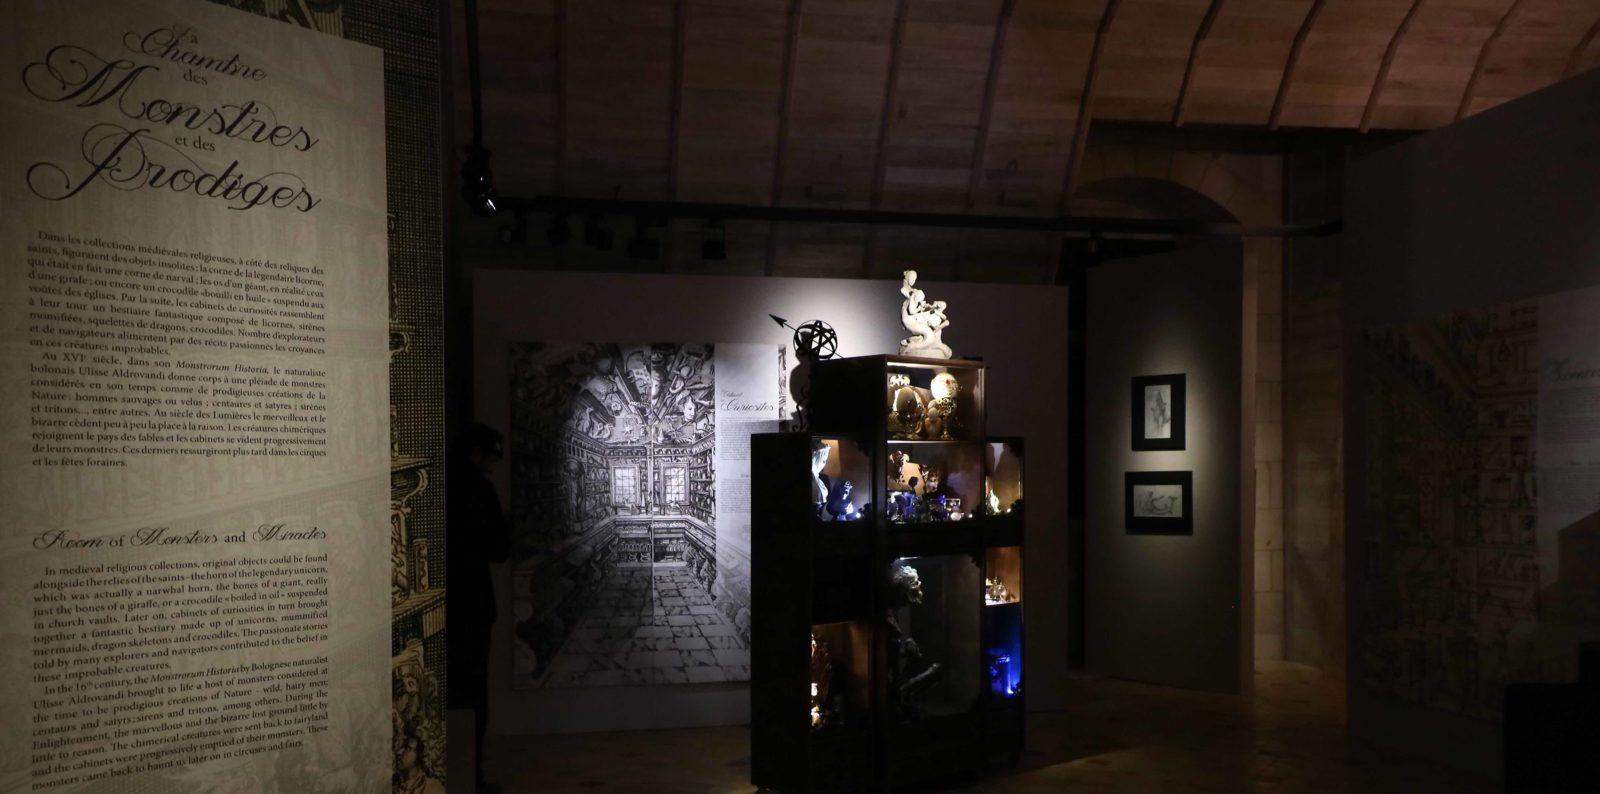 Les Chambres des Merveilles Domaine national du Château d'Angers